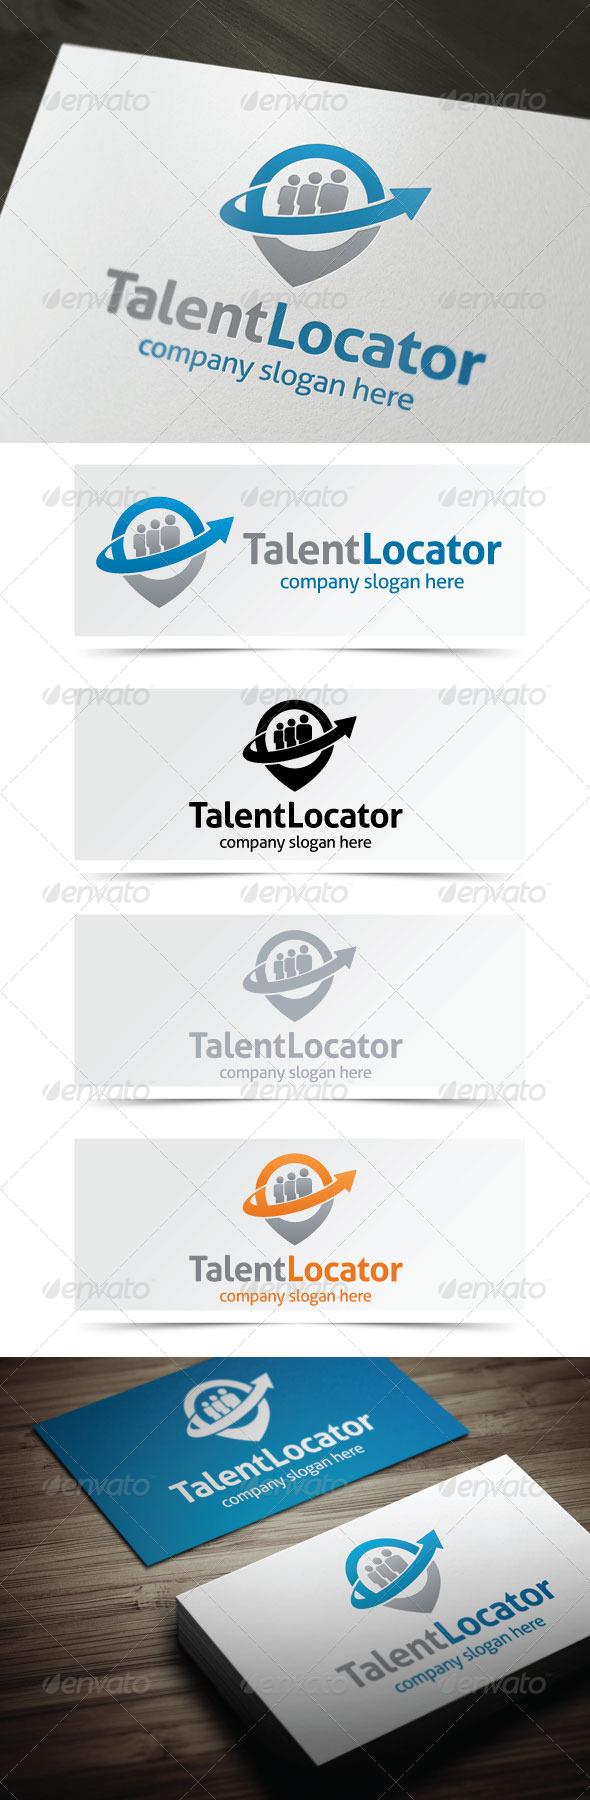 GraphicRiver Talent Locator 4799175